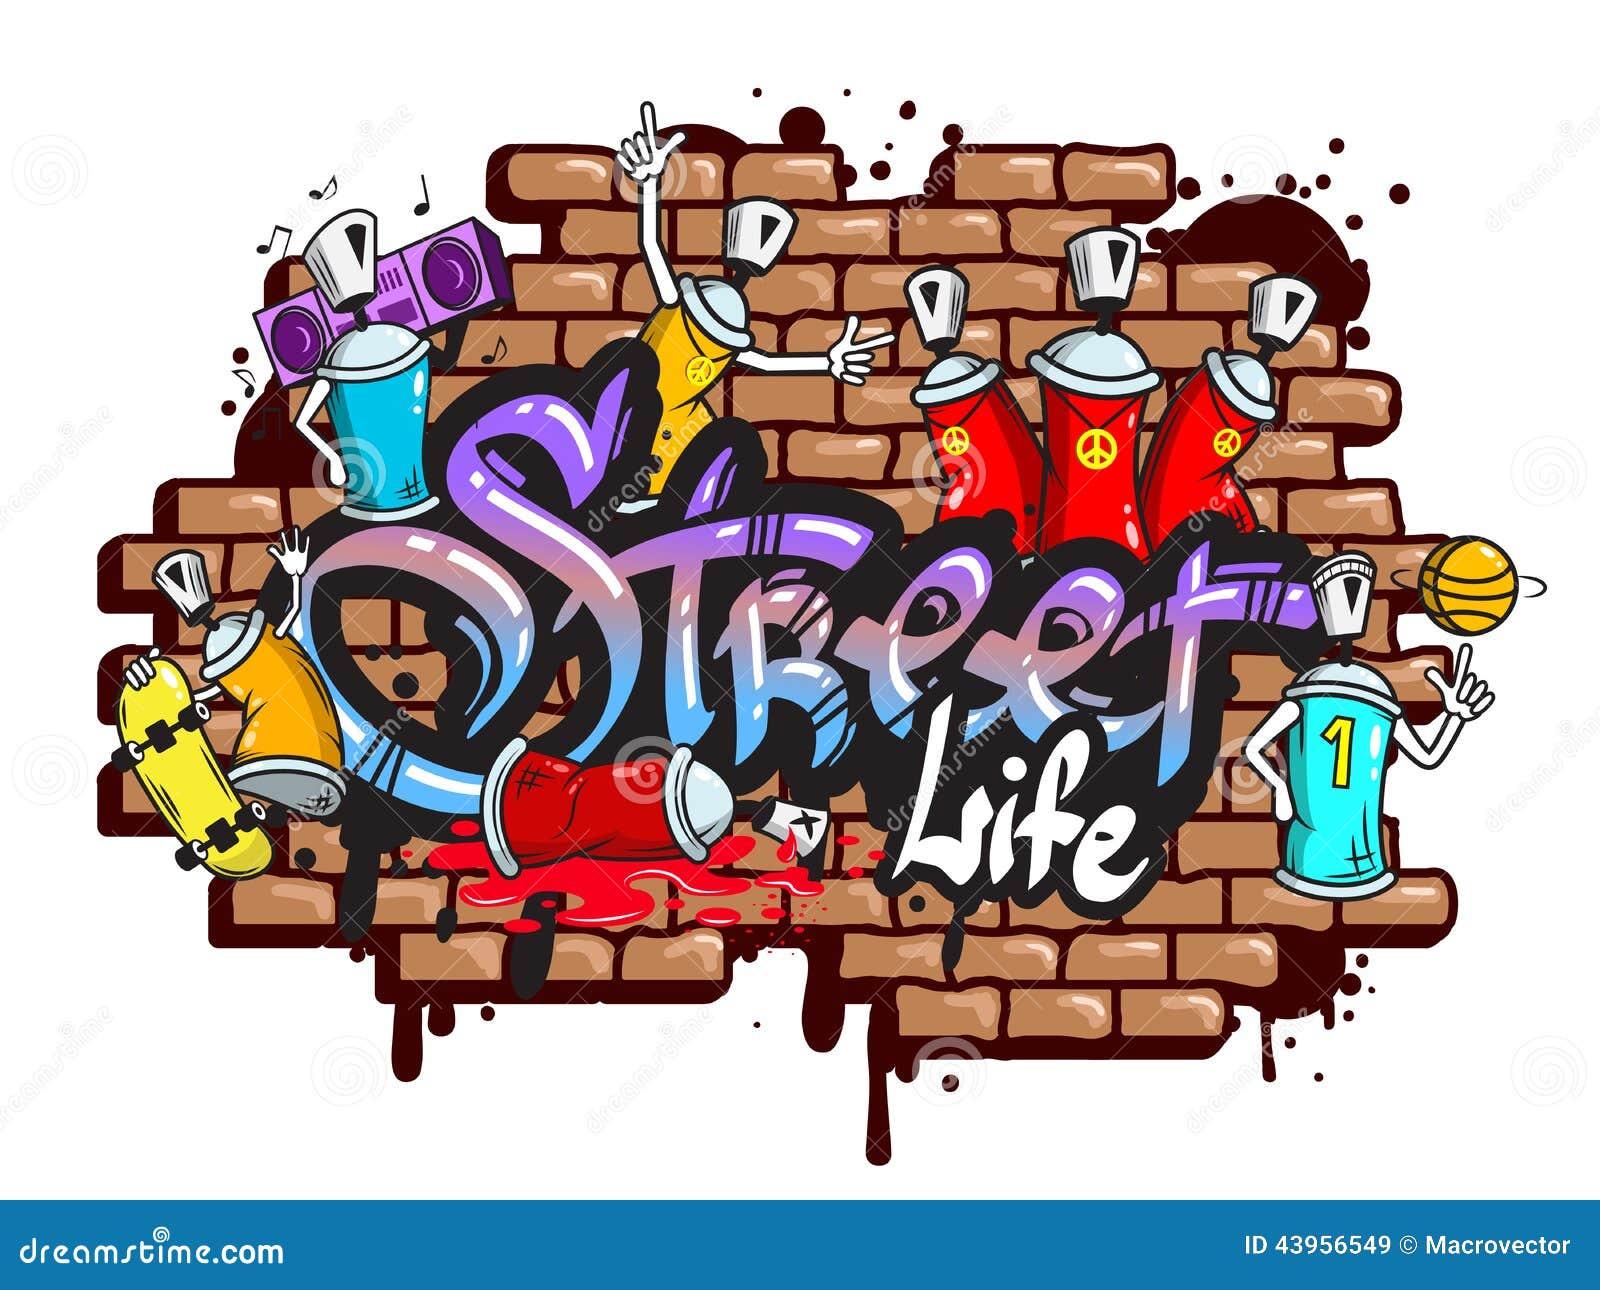 Graffiti word characters composition stock vector illustration of expressive brick 43956549 - Graffiti prenom gratuit ...